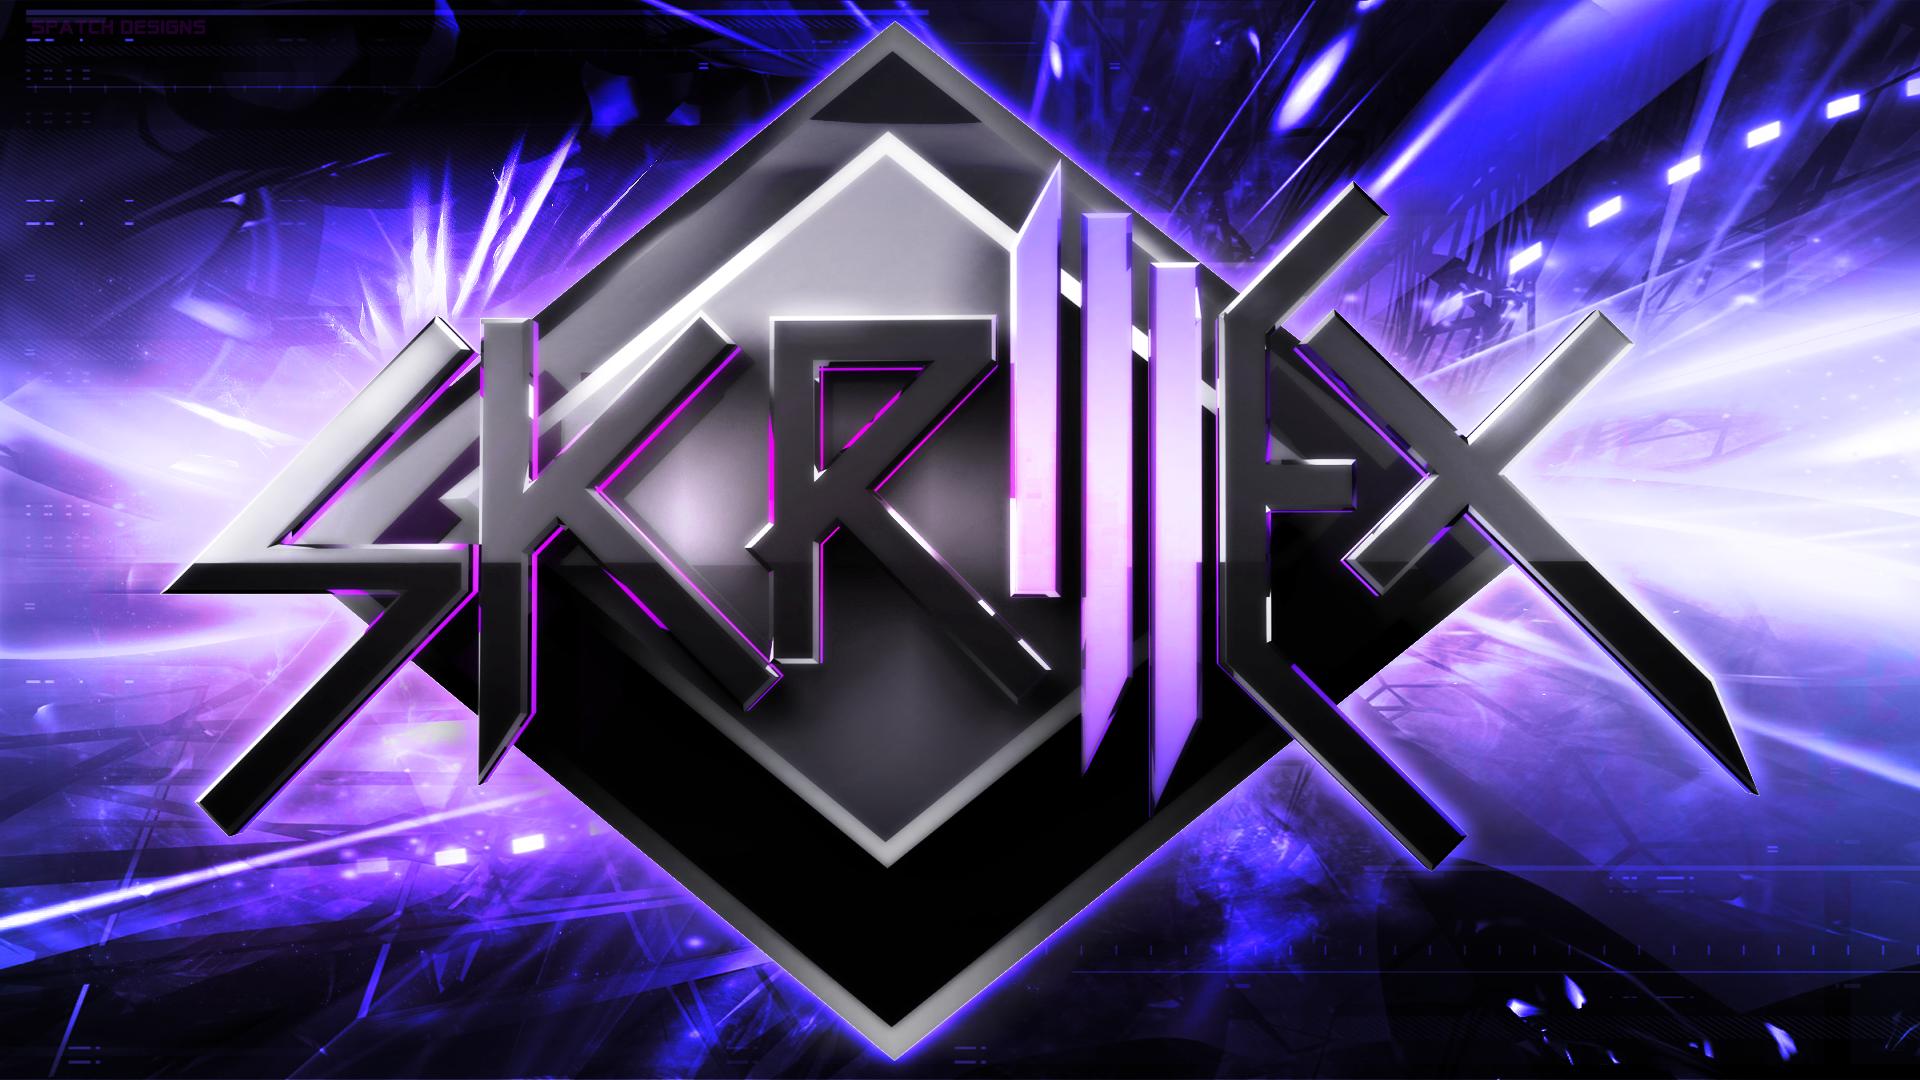 skrillex logo Te gusta Skrillex? Te dejo algunos